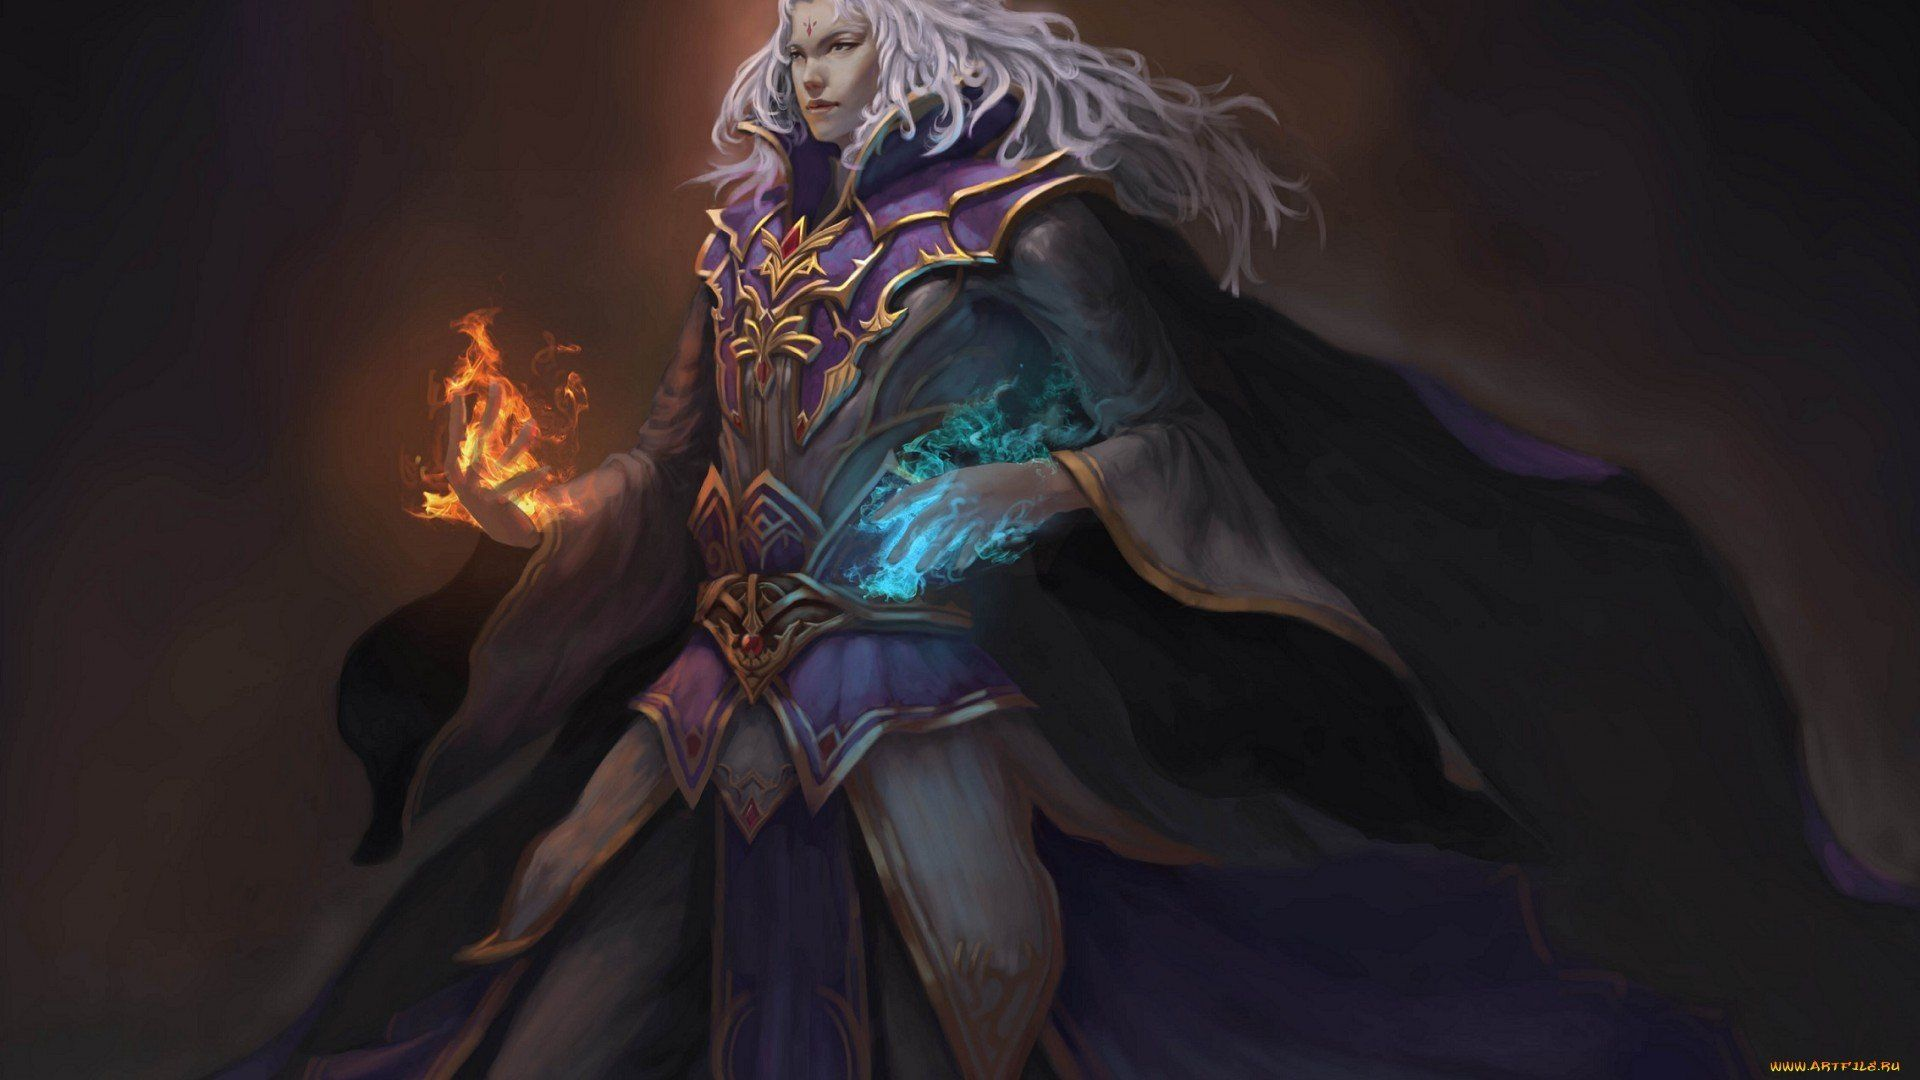 Wizard a wallpaper